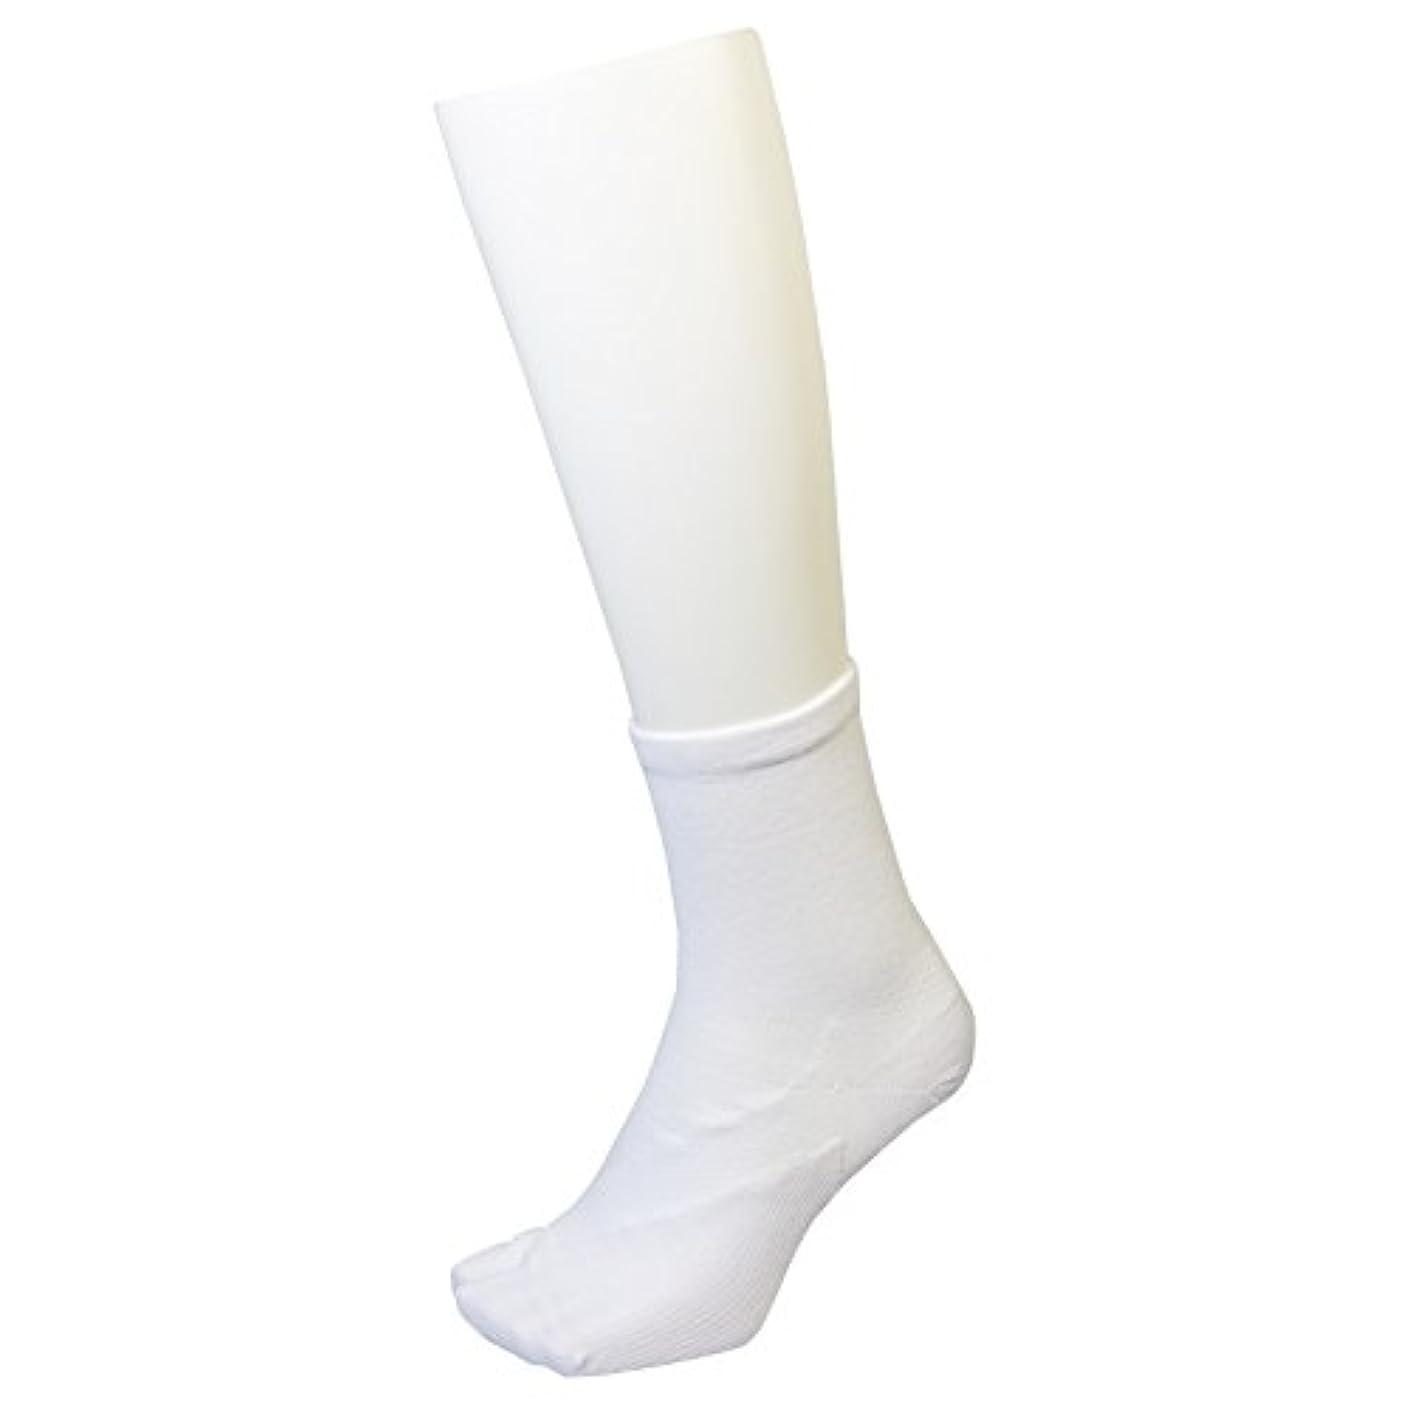 和バルブ痛いさとう式 フレクサーソックス クルー 白 (M) 足袋型